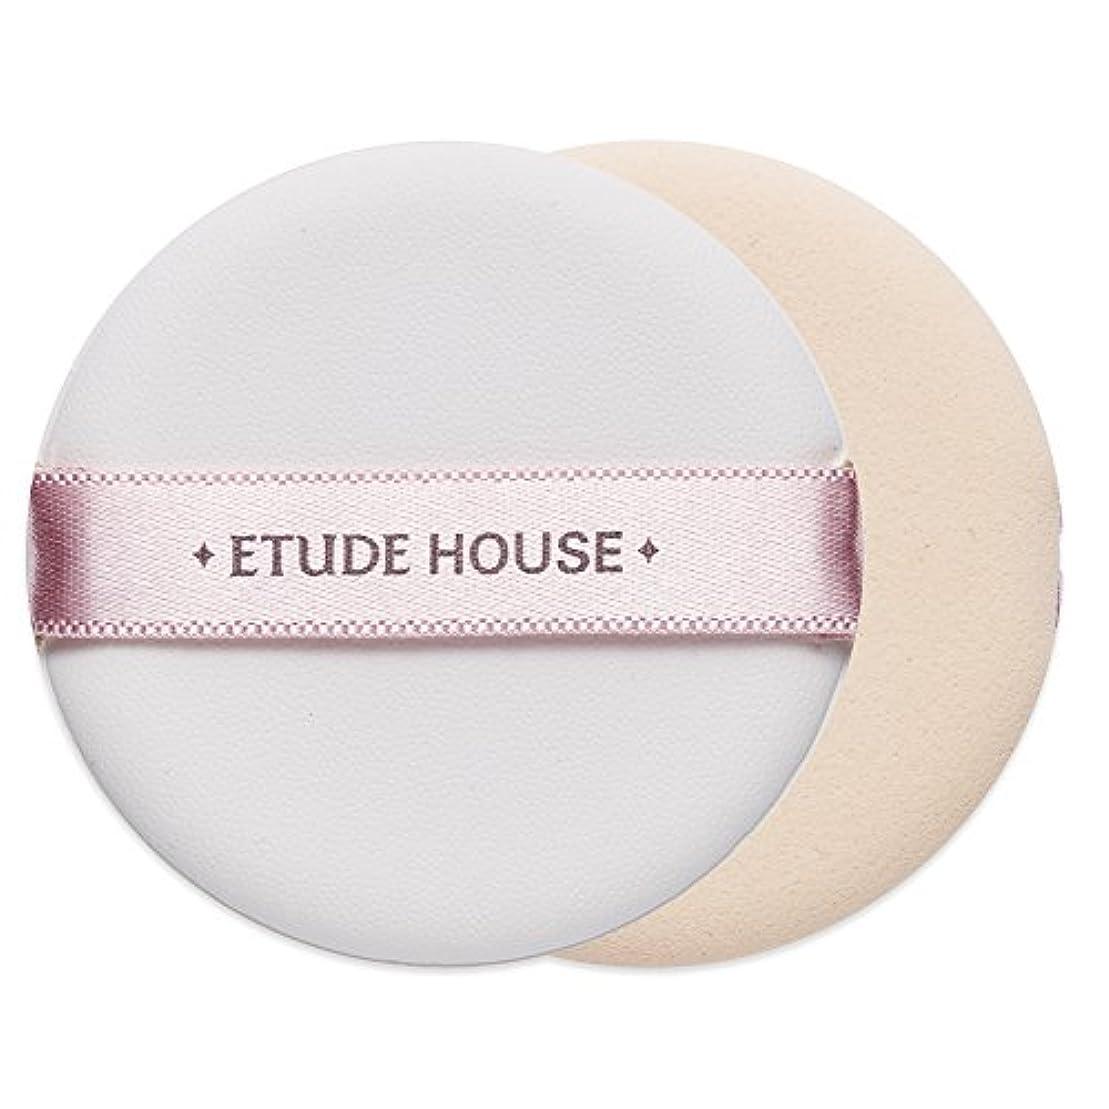 ワット確立もろいエチュードハウス(ETUDE HOUSE) マイビューティーツール カバーフィッティングパフ 1枚